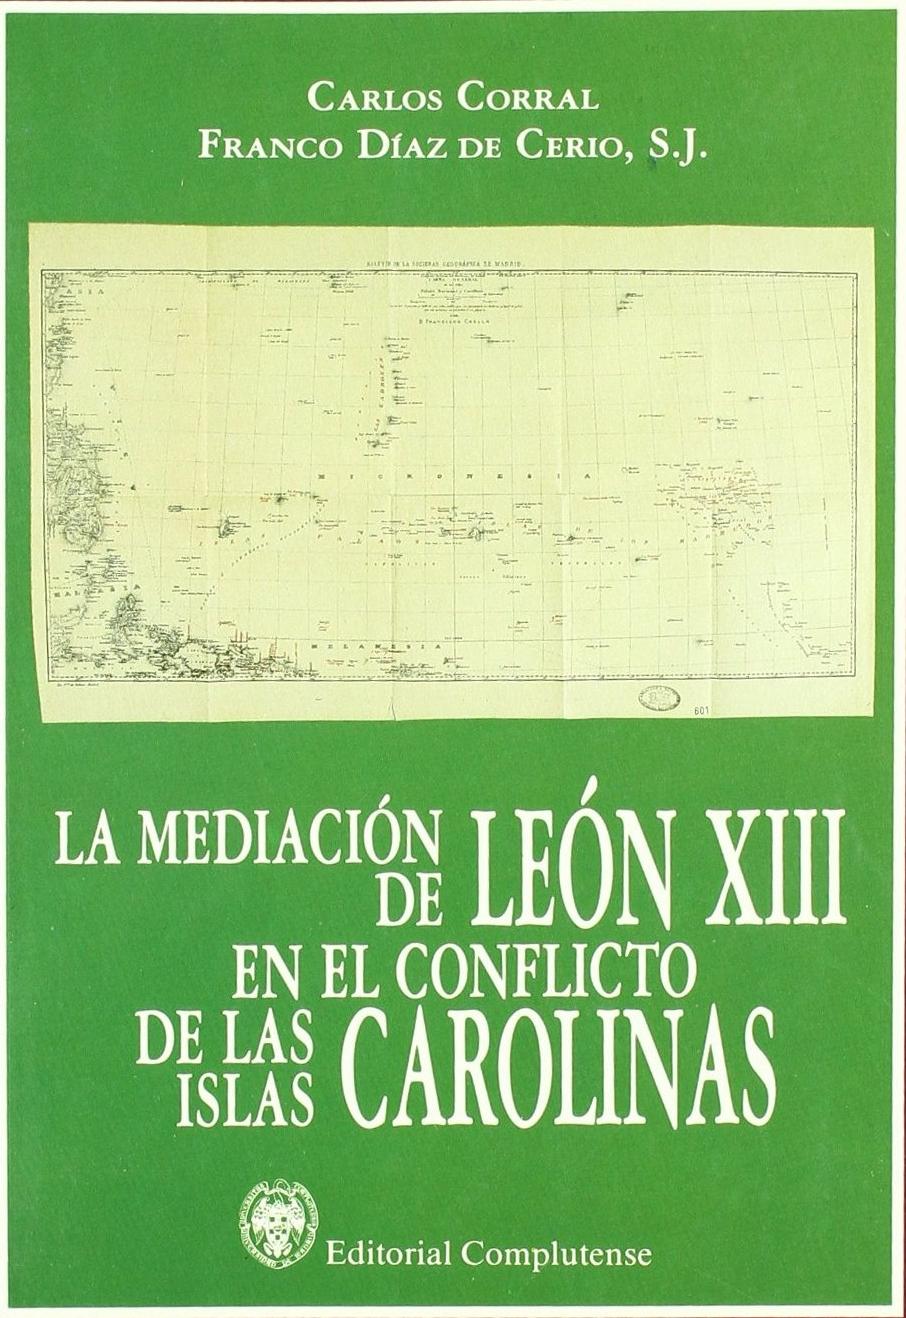 La Mediación de LEÓN XIII en el conflicto de las Islas CAROLINAS.